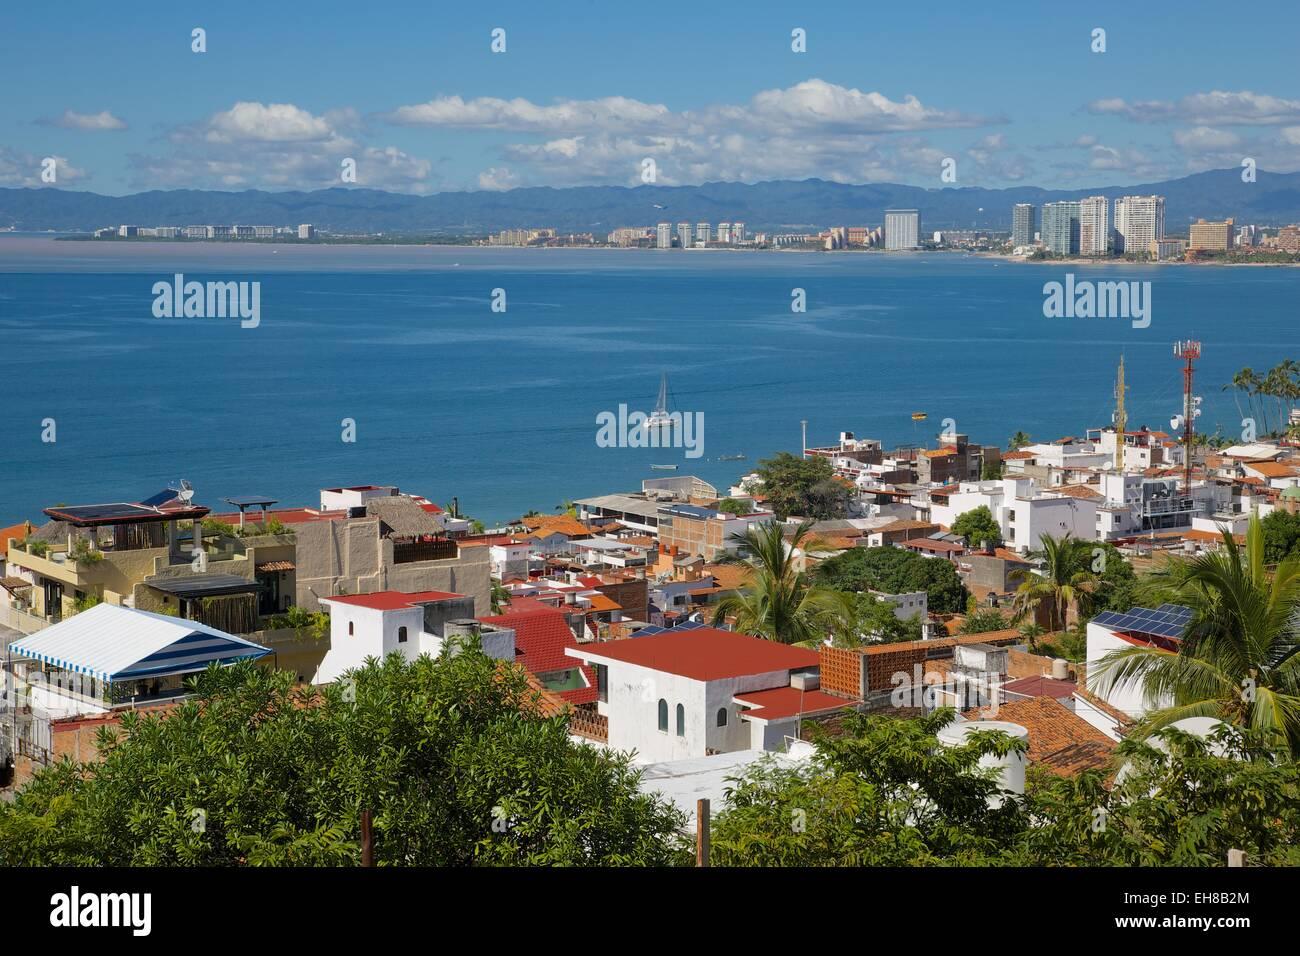 Blick auf Downtown, Puerto Vallarta, Jalisco, Mexiko, Nordamerika Stockbild